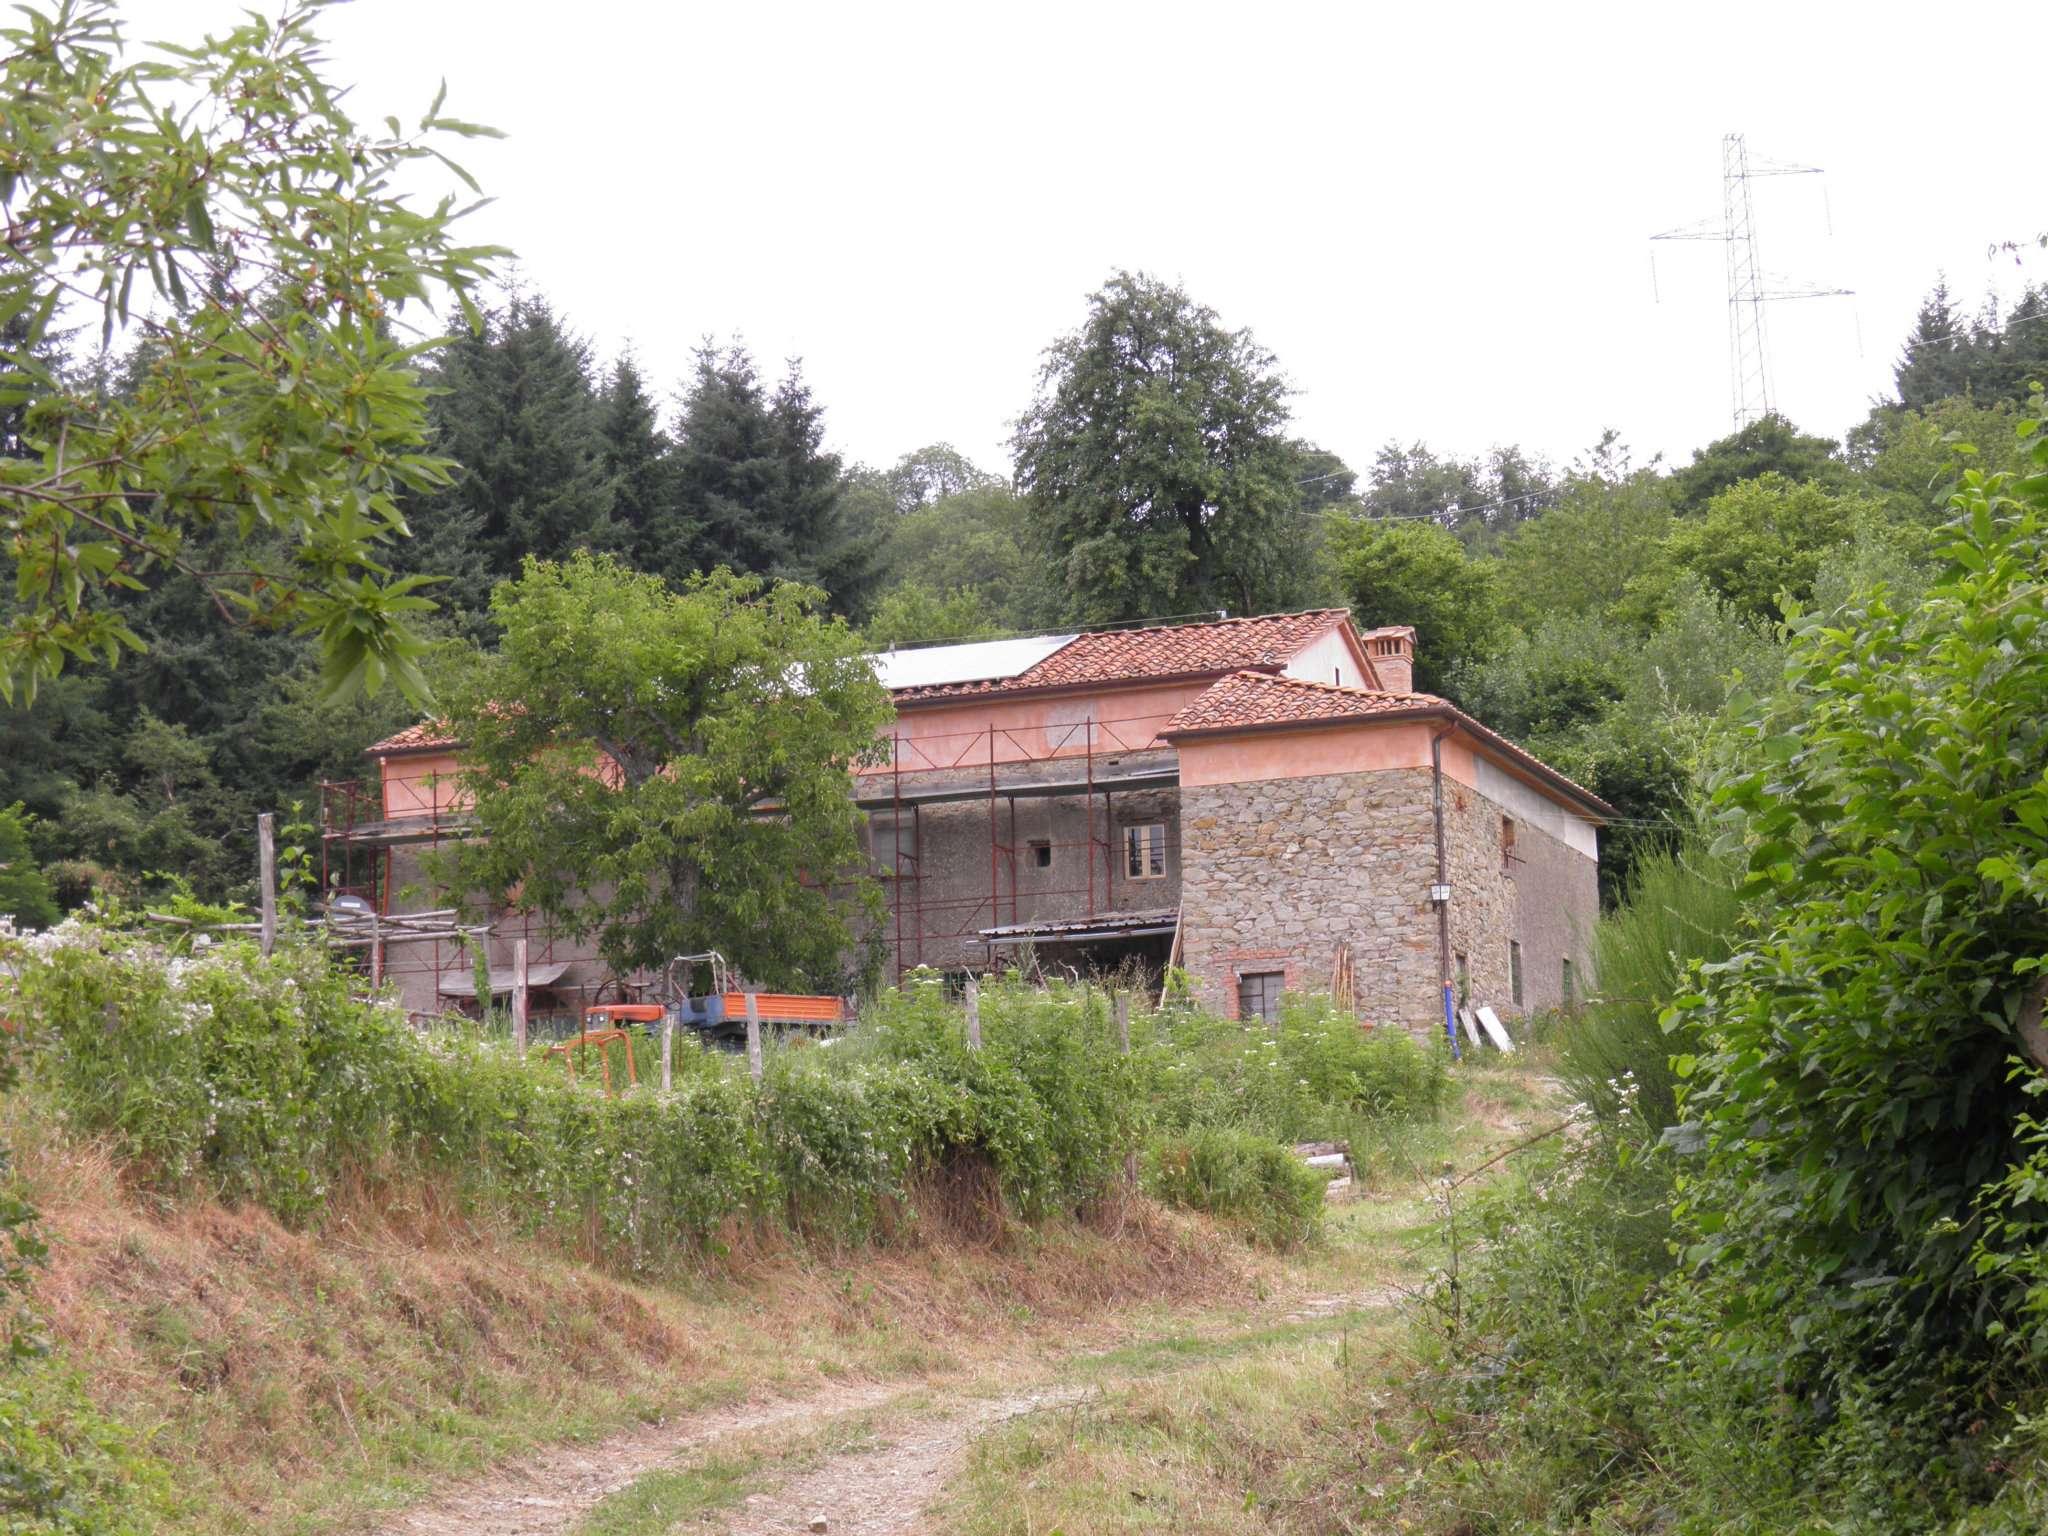 Vernio, azienda Agricola con bella colonica in posizione unica